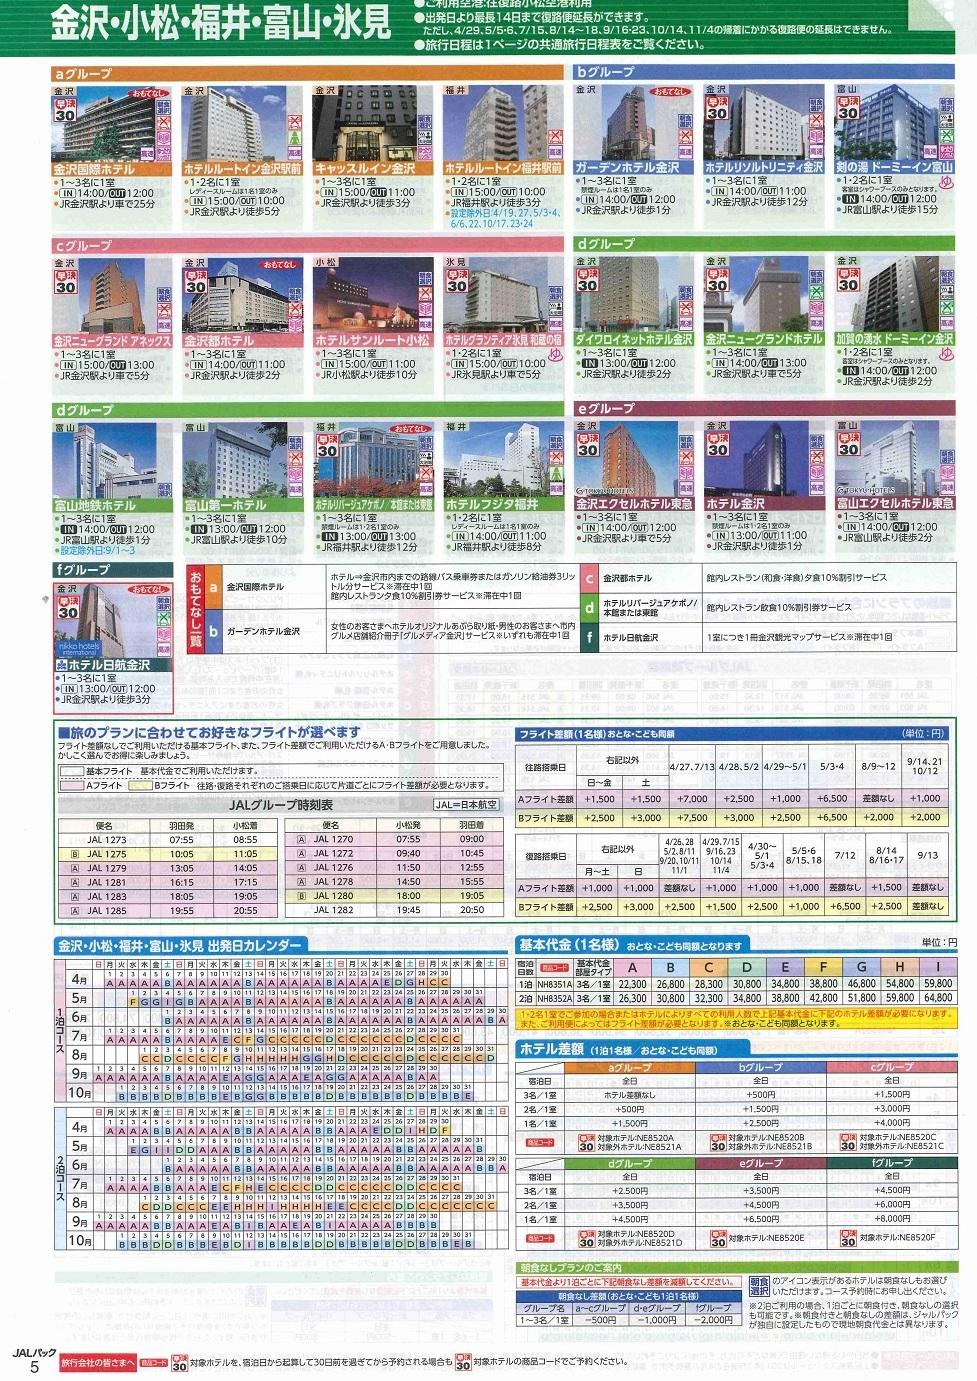 http://www.ianryoko.jp/%E9%87%91%E6%B2%A2%E5%B0%8F%E6%9D%BE%E7%A6%8F%E4%BA%95.jpg